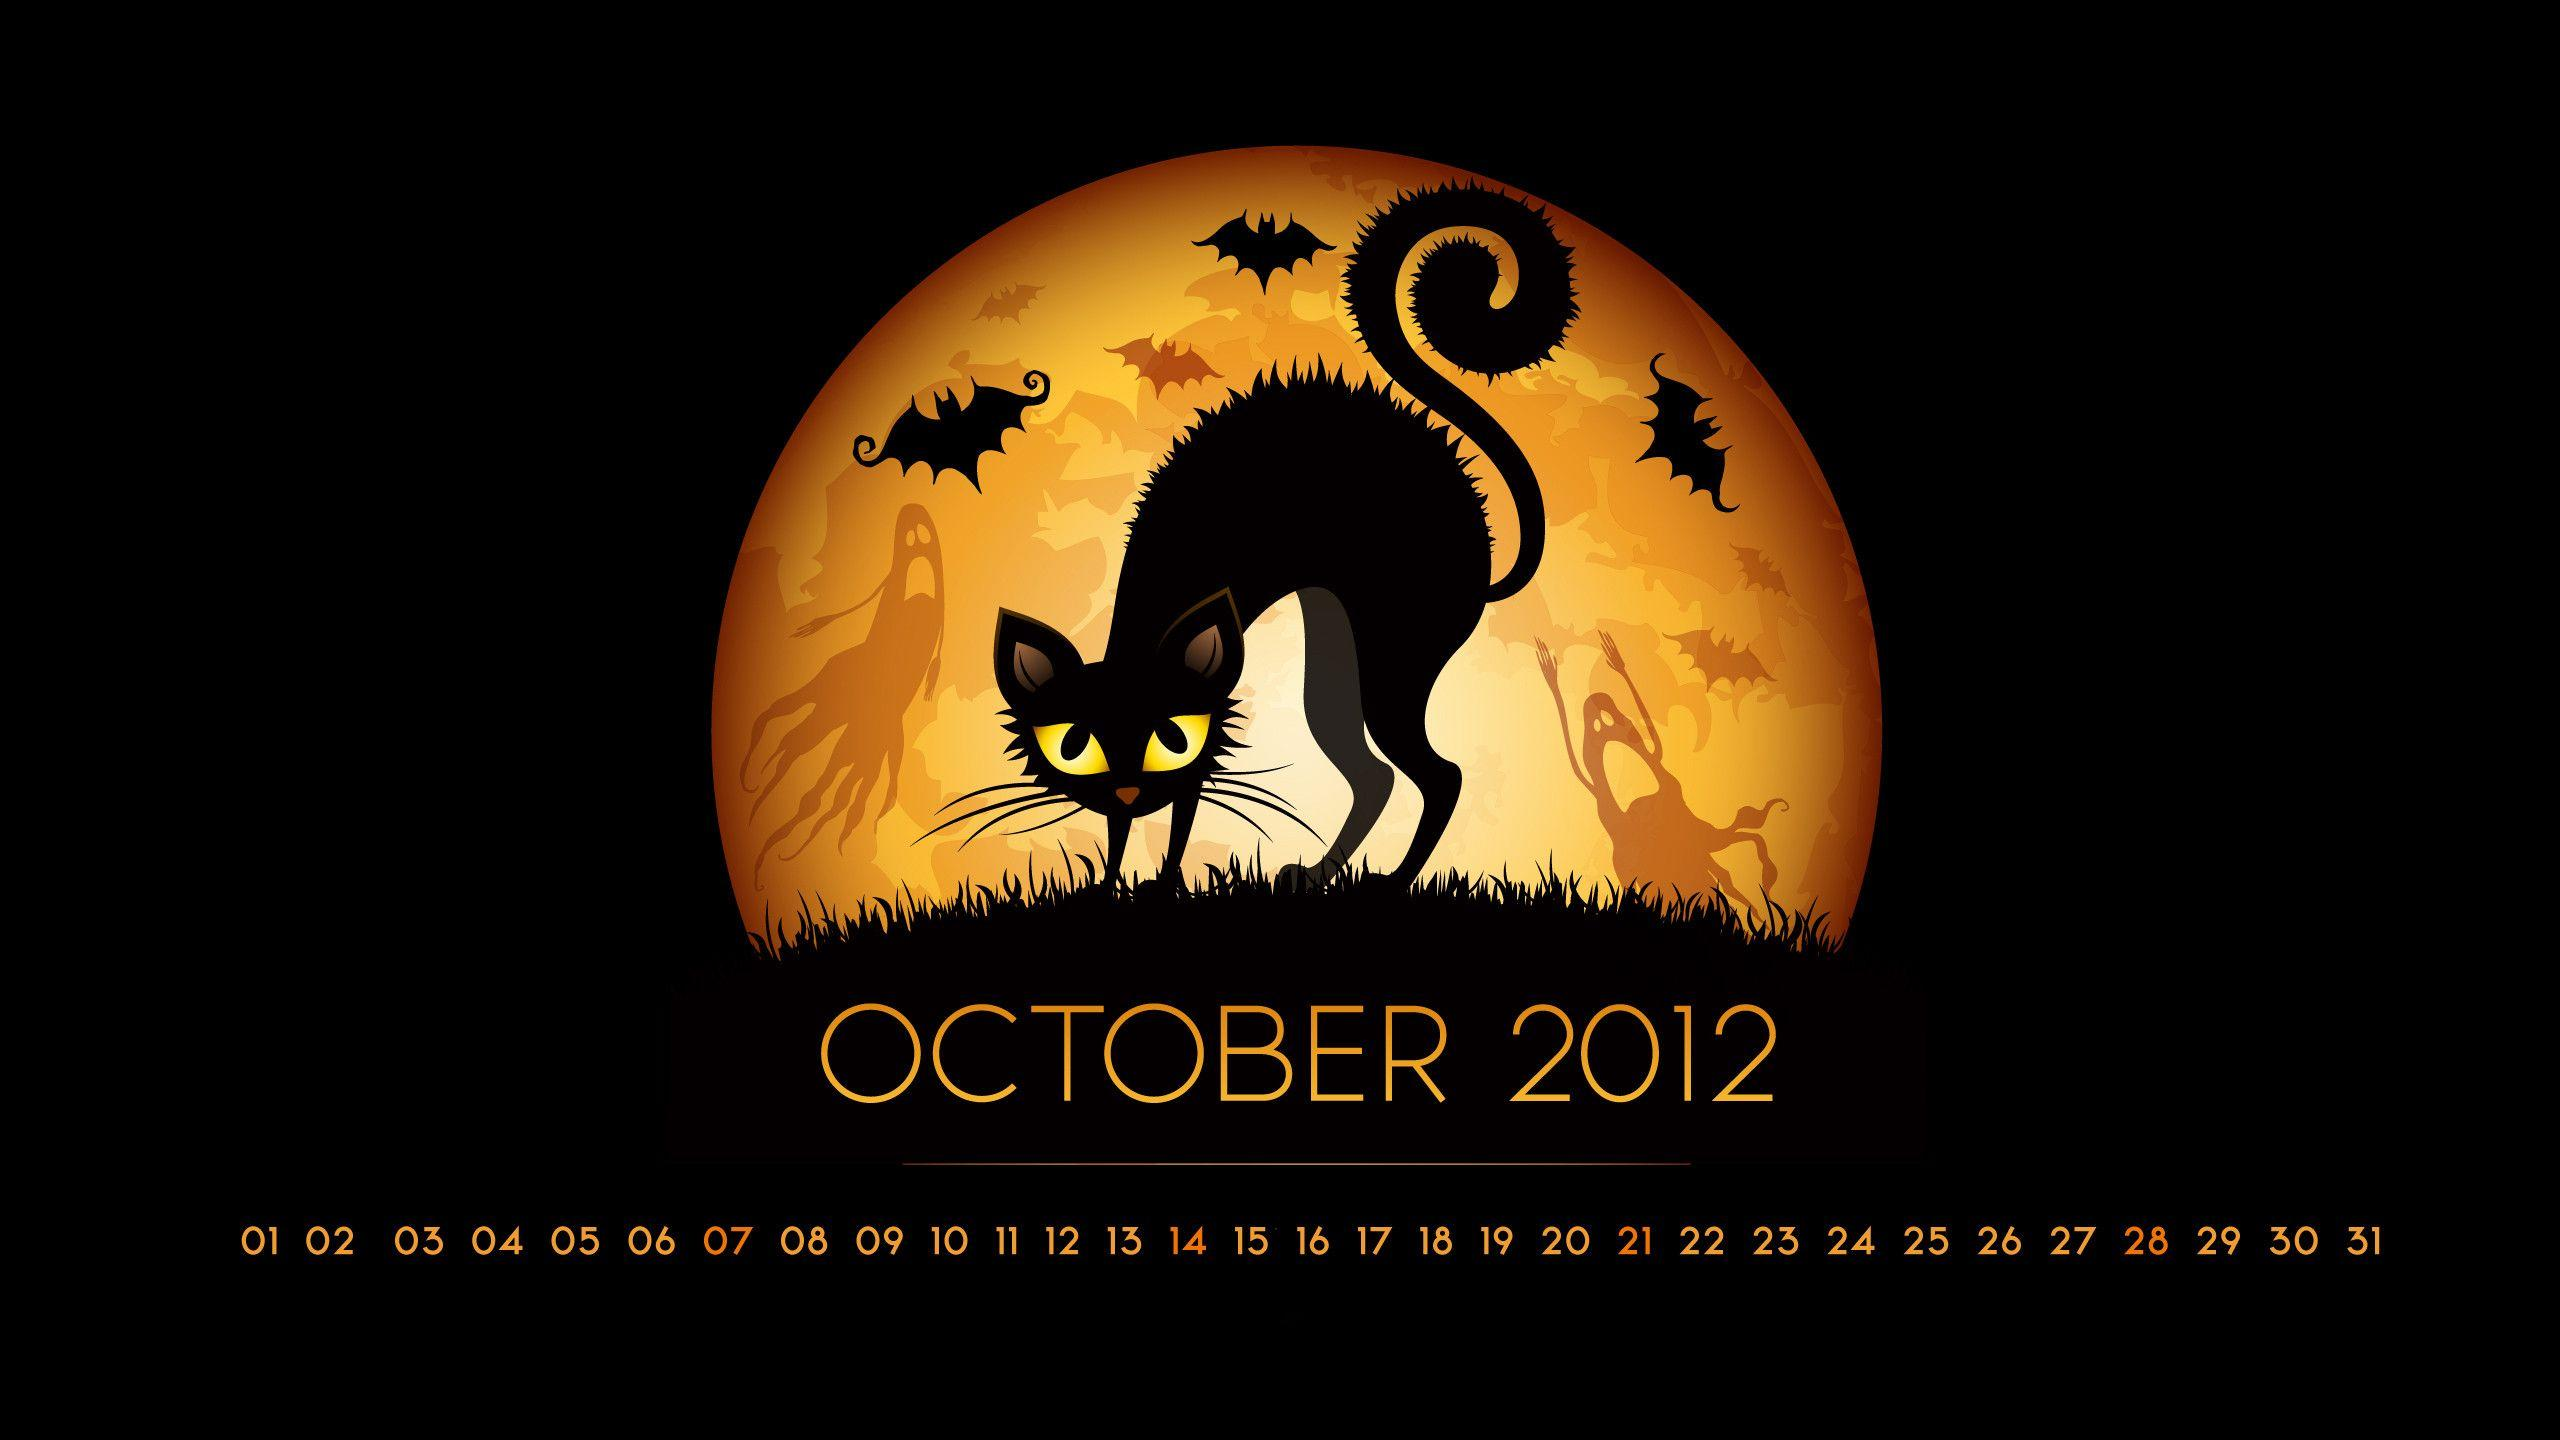 495 Halloween Wallpapers   Halloween Backgrounds